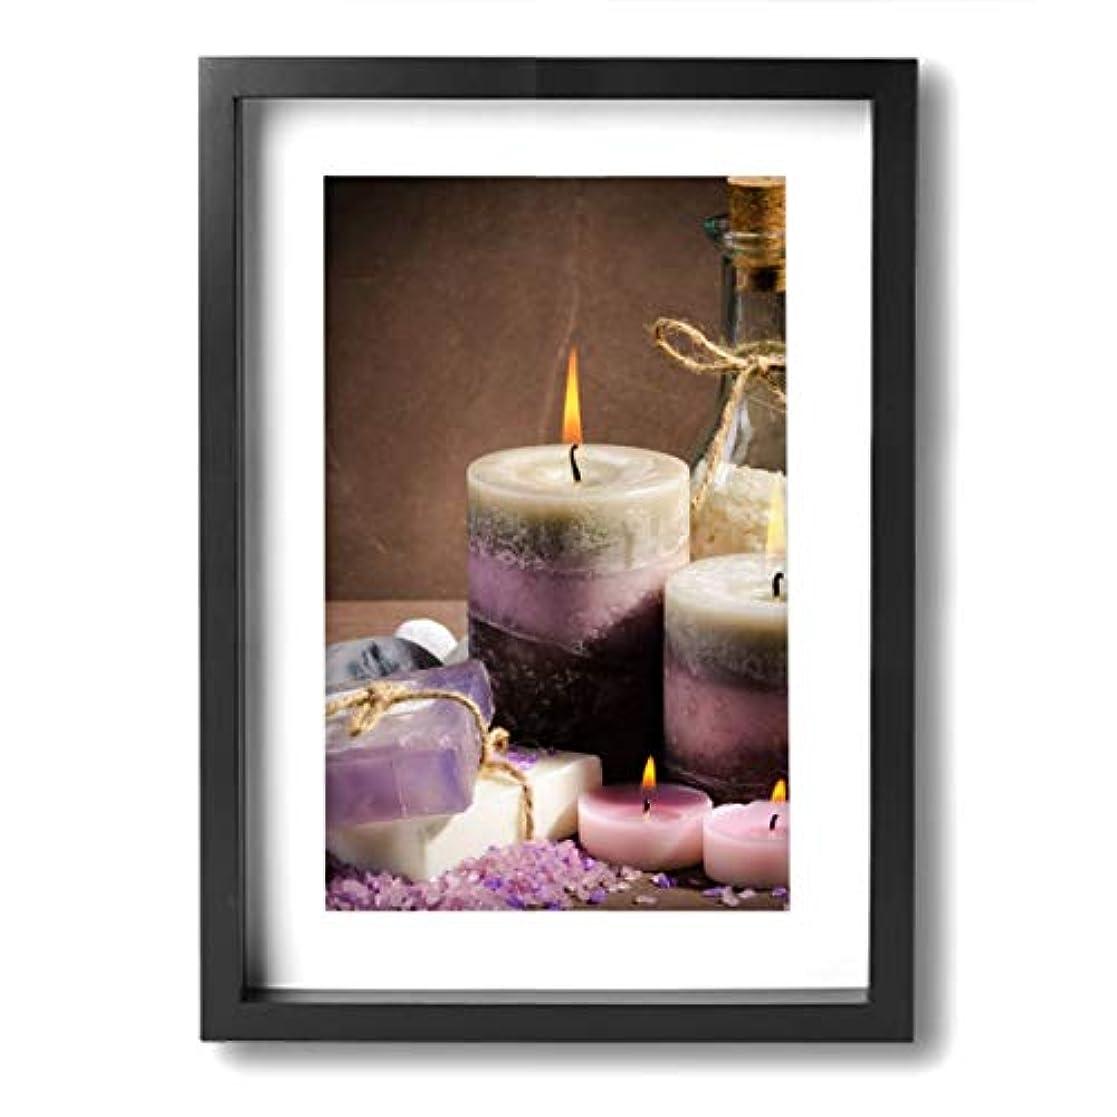 操作可能名声投資する魅力的な芸術 20x30cm Spa Purple Color Candle Oil キャンバスの壁アート 画像プリント絵画リビングルームの壁の装飾と家の装飾のための現代アートワークハングする準備ができて